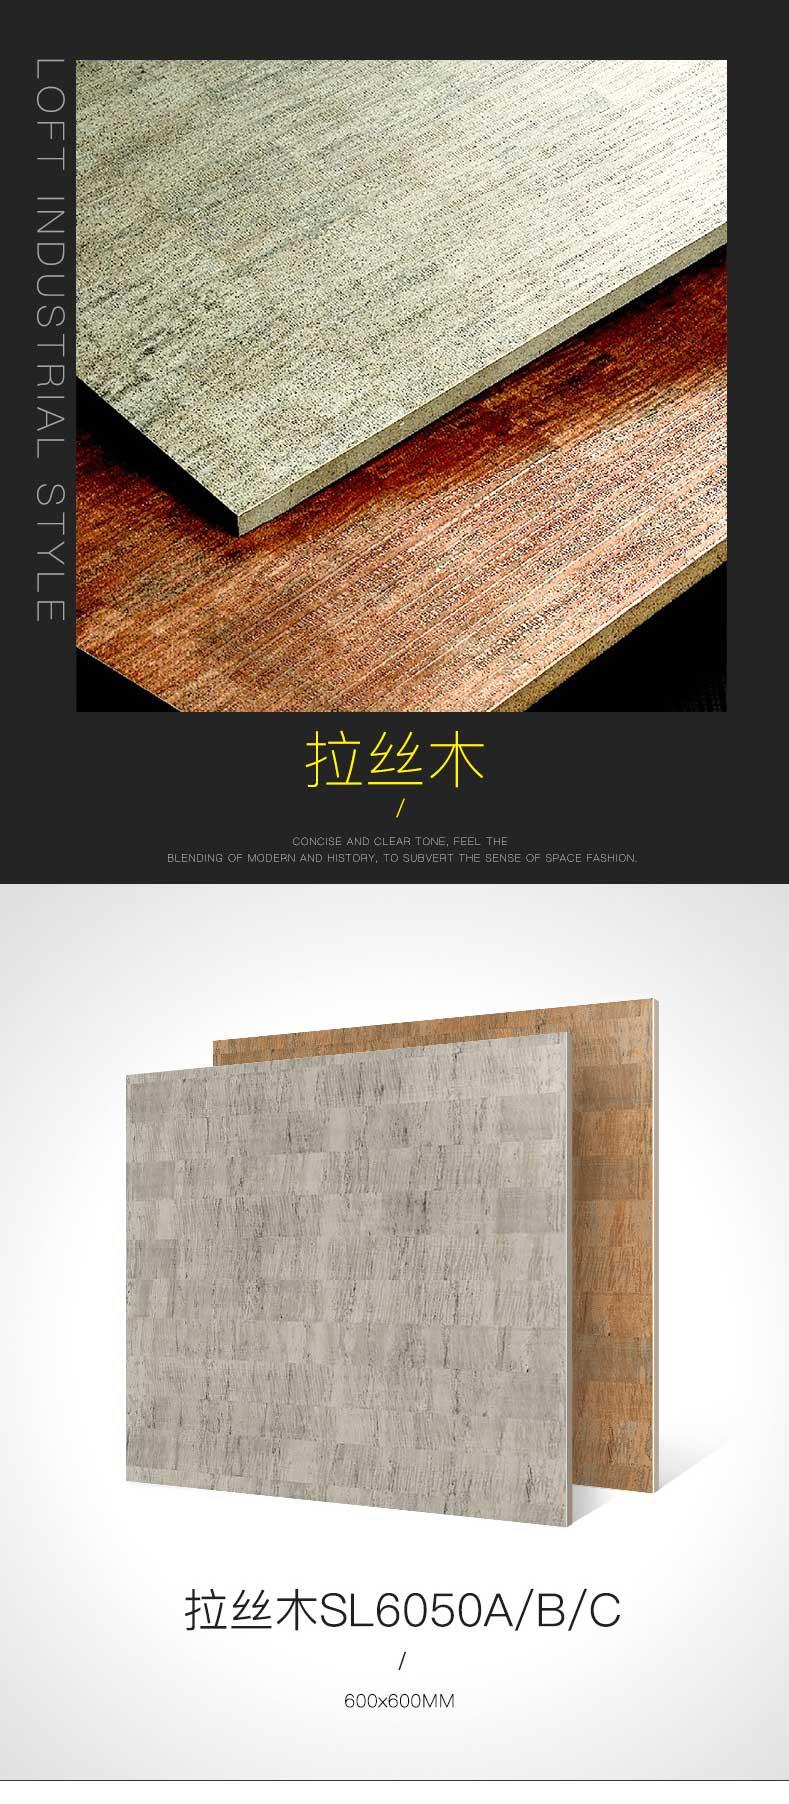 亚细亚瓷砖-仿古砖拉丝木600x600_01.jpg